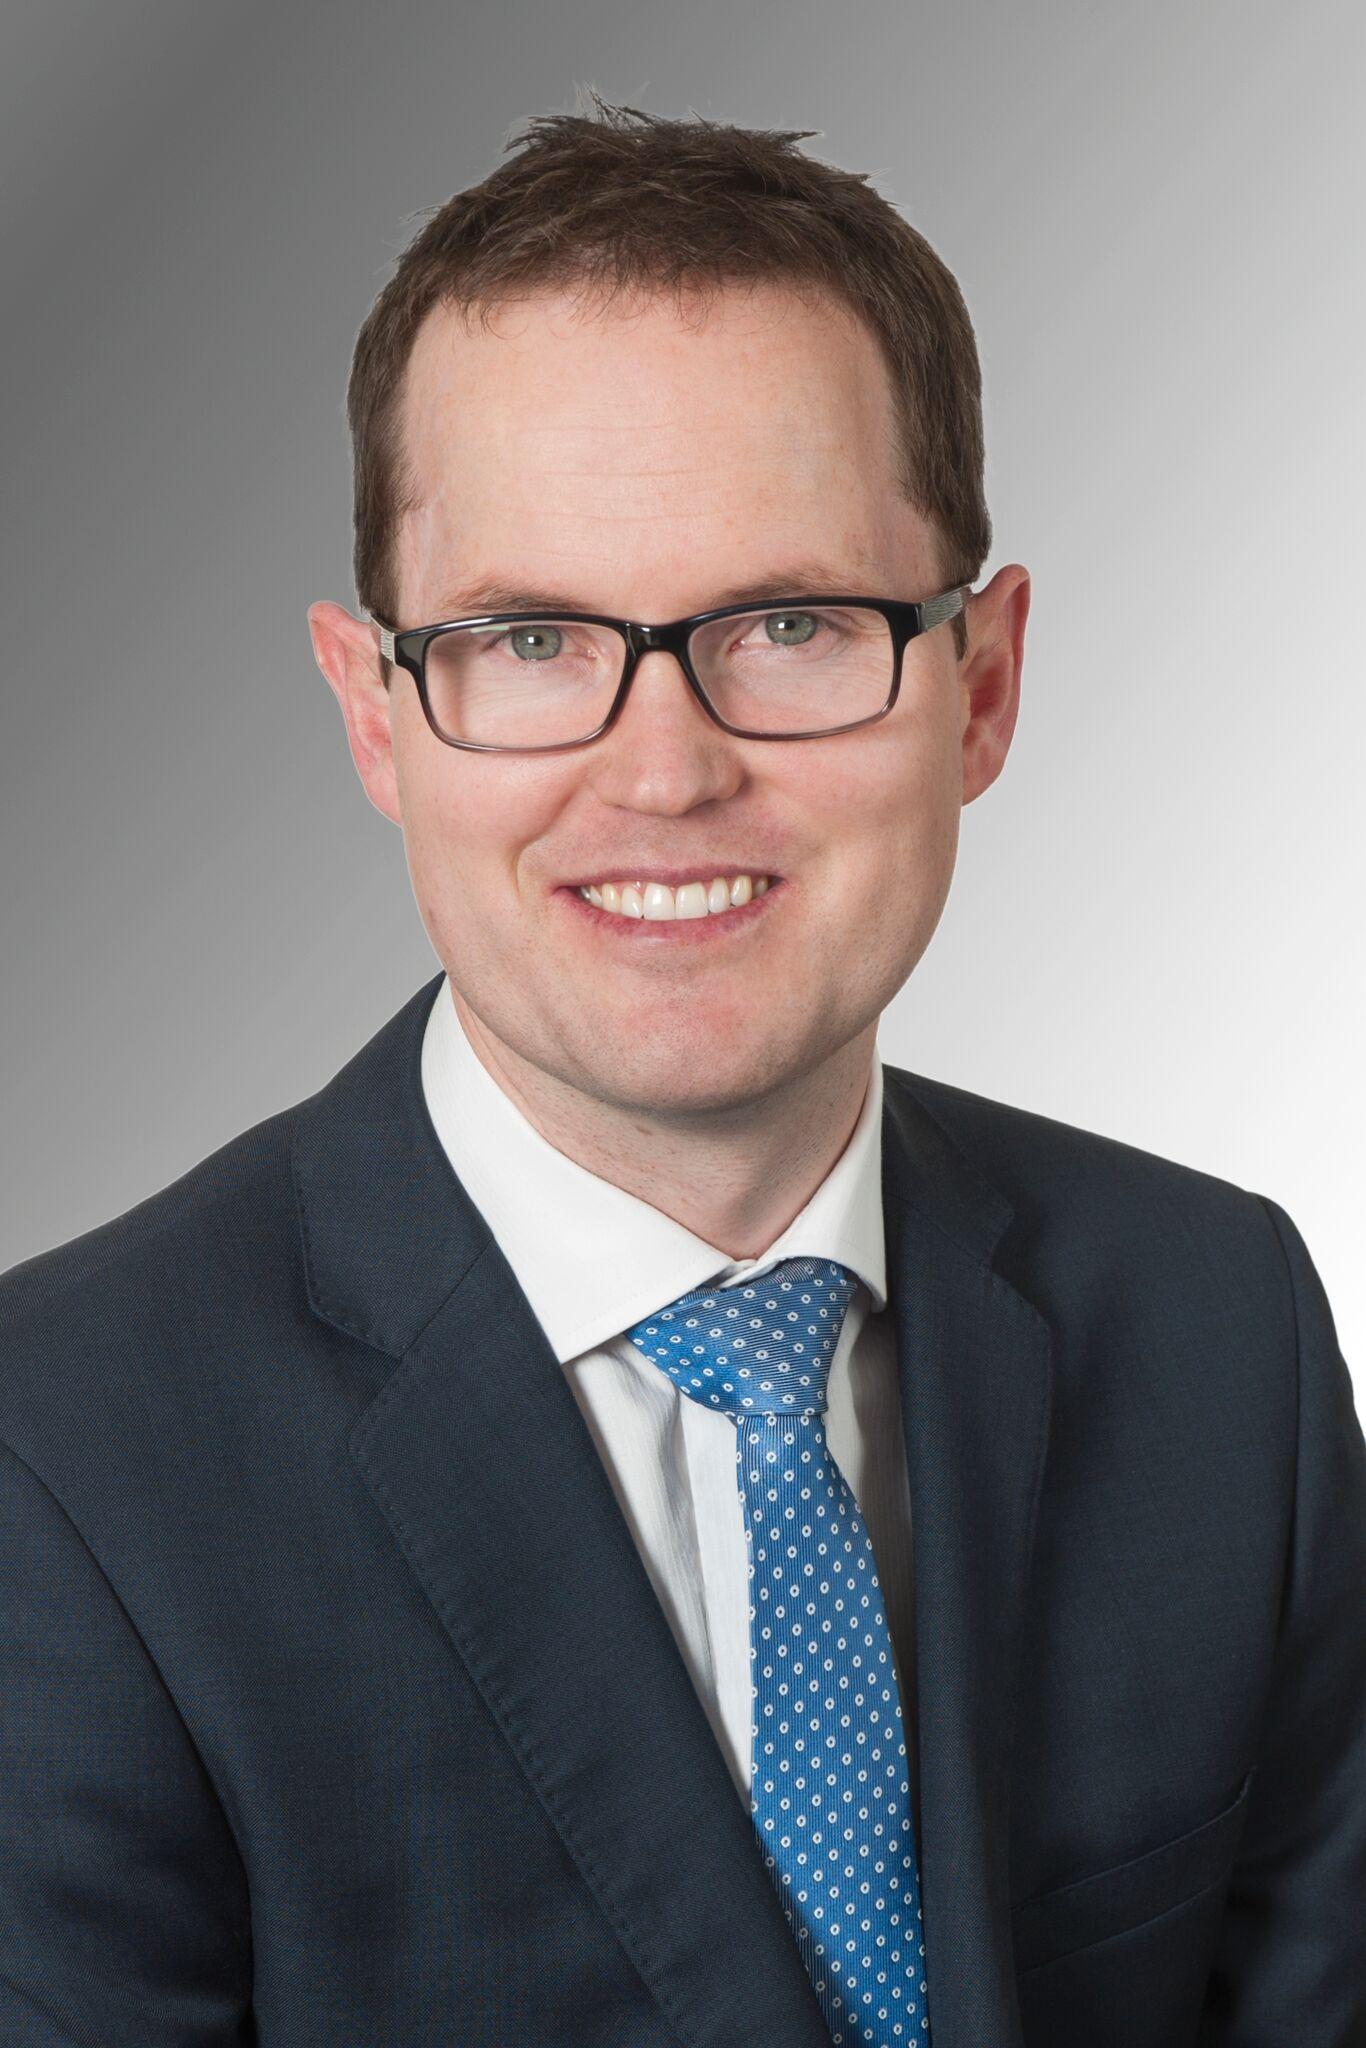 Dr James London